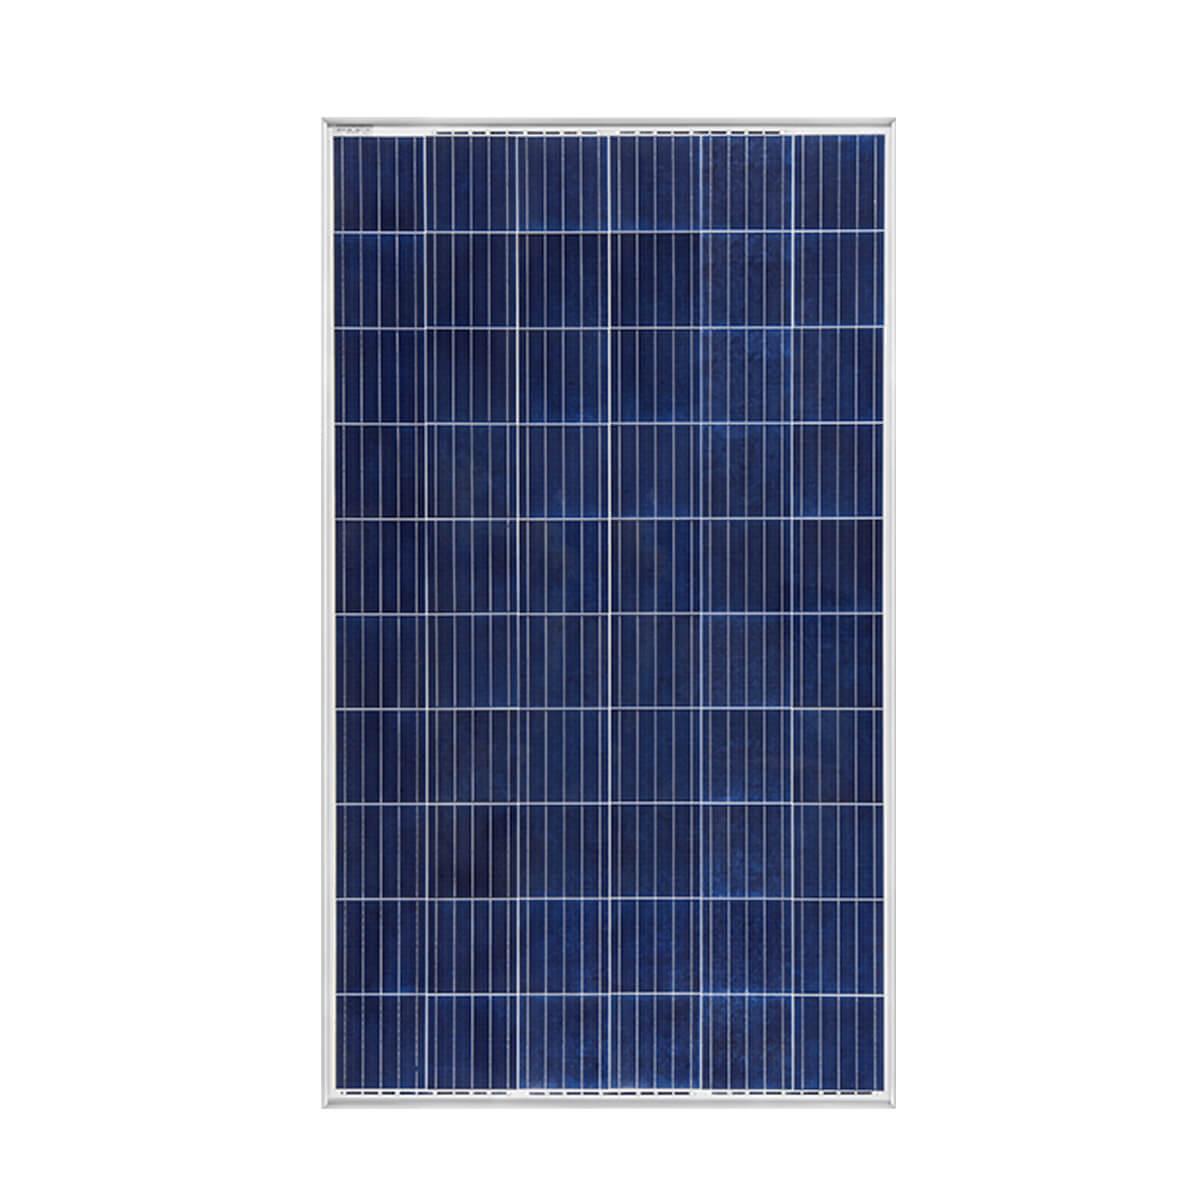 plurawatt 275W panel, plurawatt 275Watt panel, plurawatt 275 W panel, plurawatt 275 Watt panel, plurawatt 275 Watt polikristal panel, plurawatt 275 W watt gunes paneli, plurawatt 275 W watt polikristal gunes paneli, plurawatt 275 W Watt fotovoltaik polikristal solar panel, plurawatt 275W polikristal gunes enerjisi, plurawatt dc-60-275W panel, PLURAWATT 275 WATT